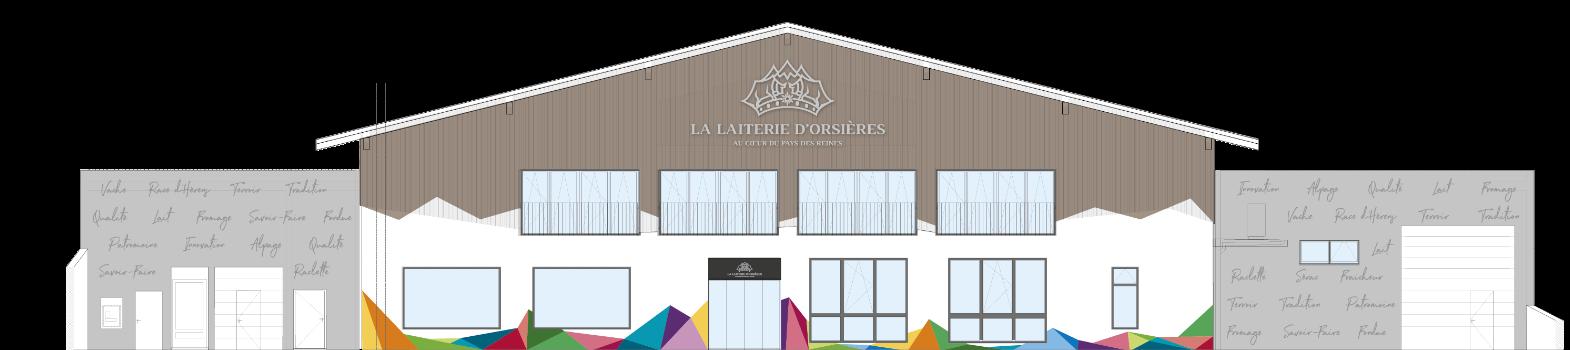 facade-laiterie